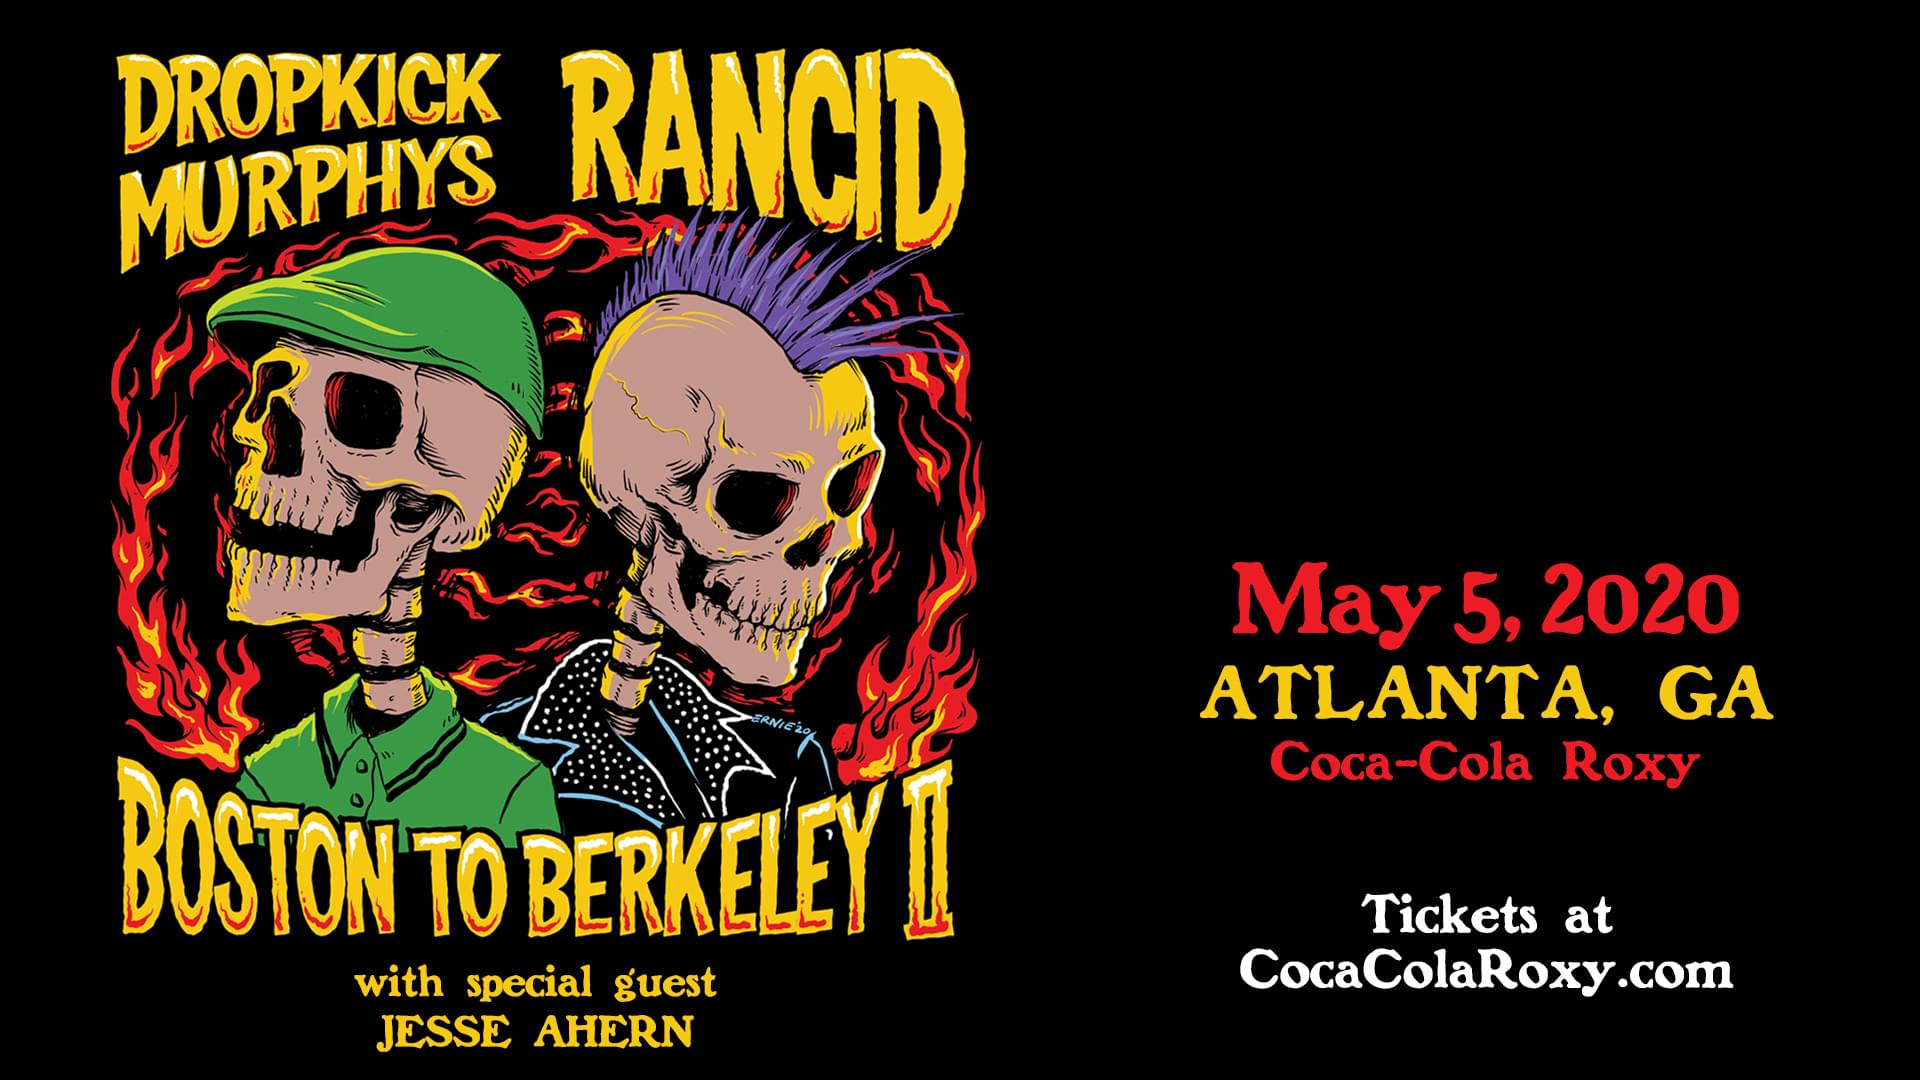 May 5 – Dropkick Murphys & Rancid